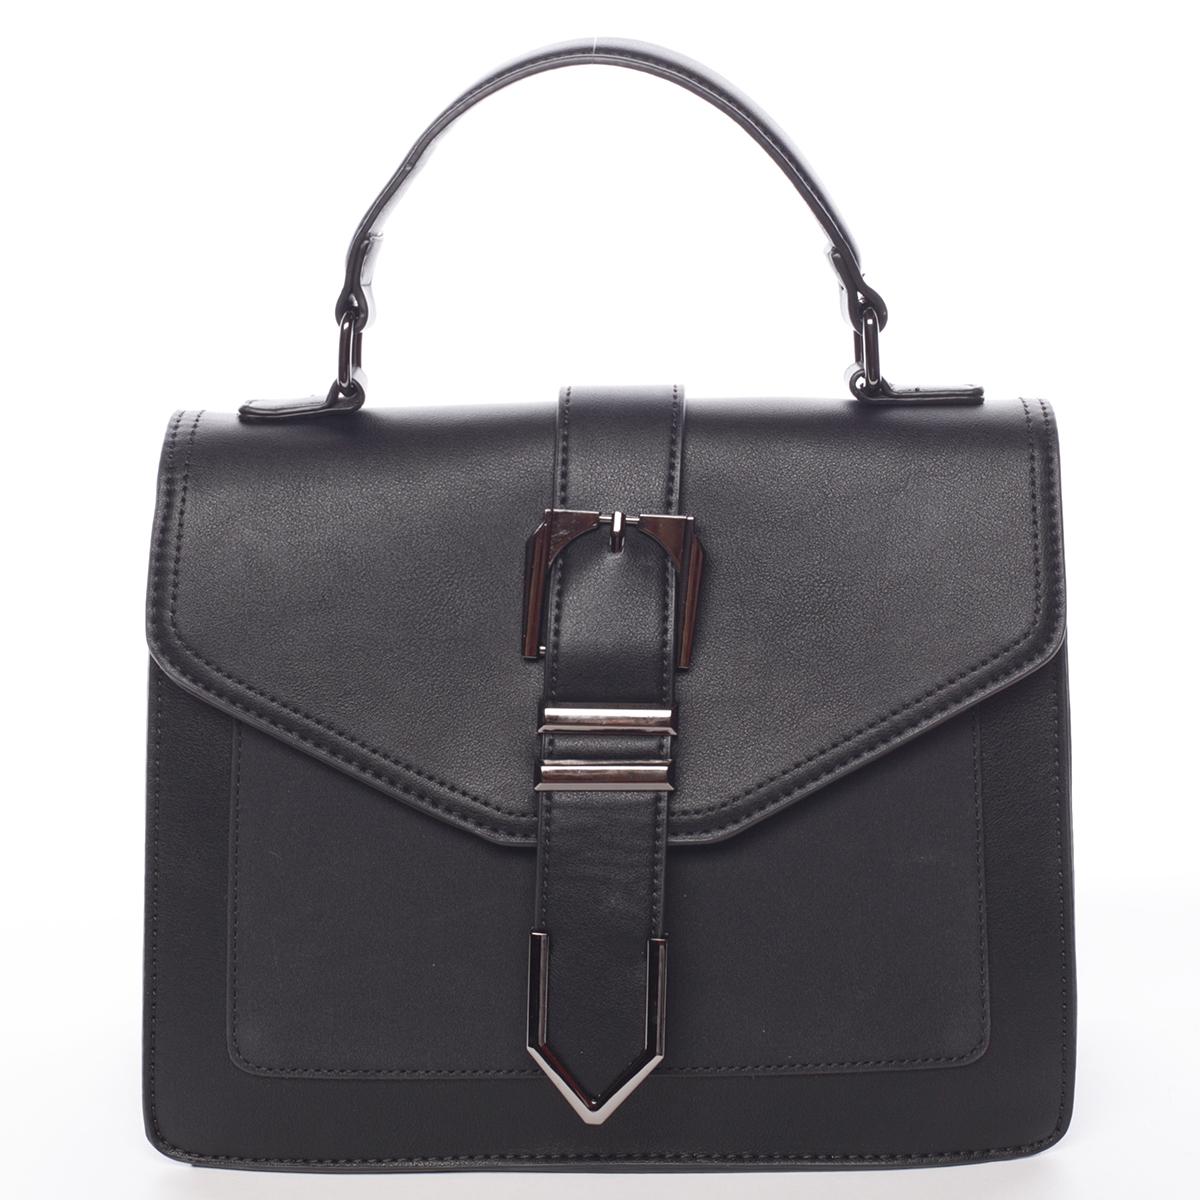 Nadčasová dámská kabelka do ruky černá - MARIA C Justice černá